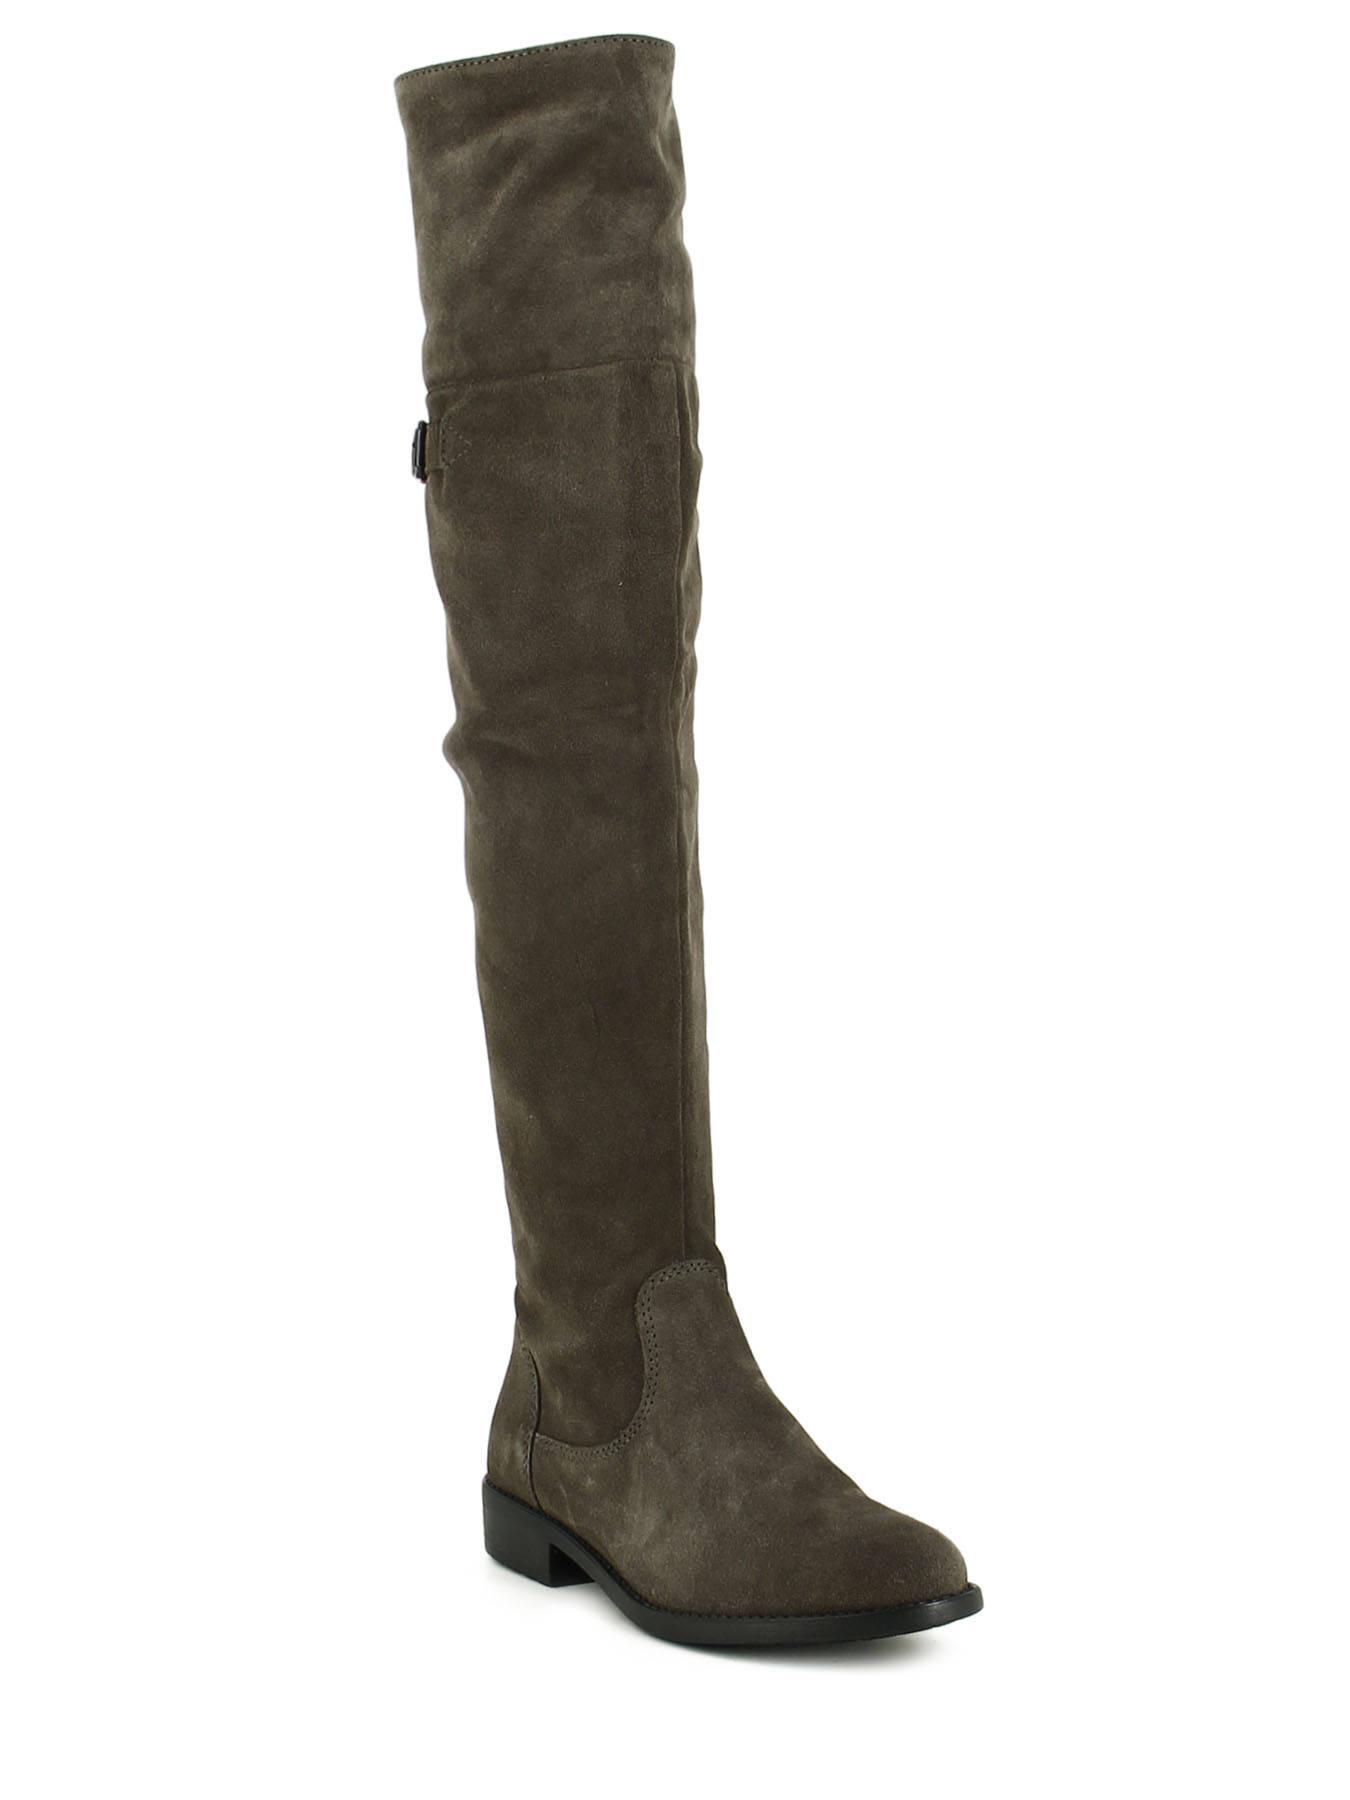 Gratuite Vos Tamaris Chaussures Achetez Cher Moins Livraison v6AYASqB